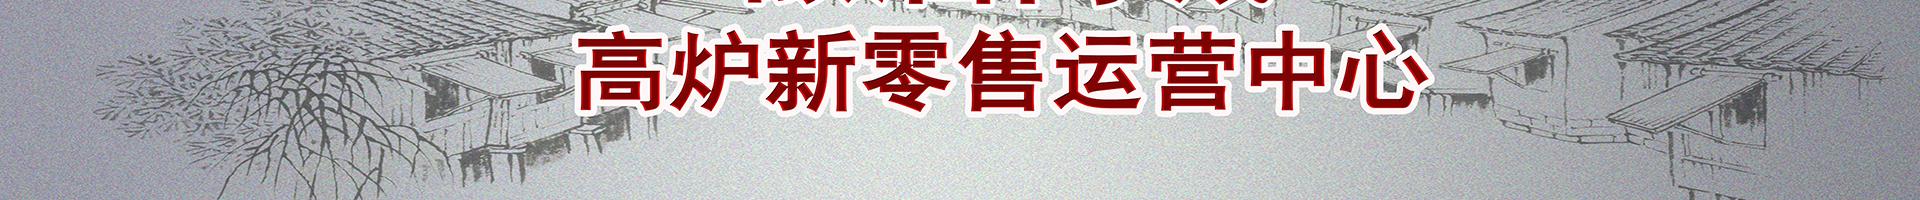 徽酒集团高炉新零售平台运营中心